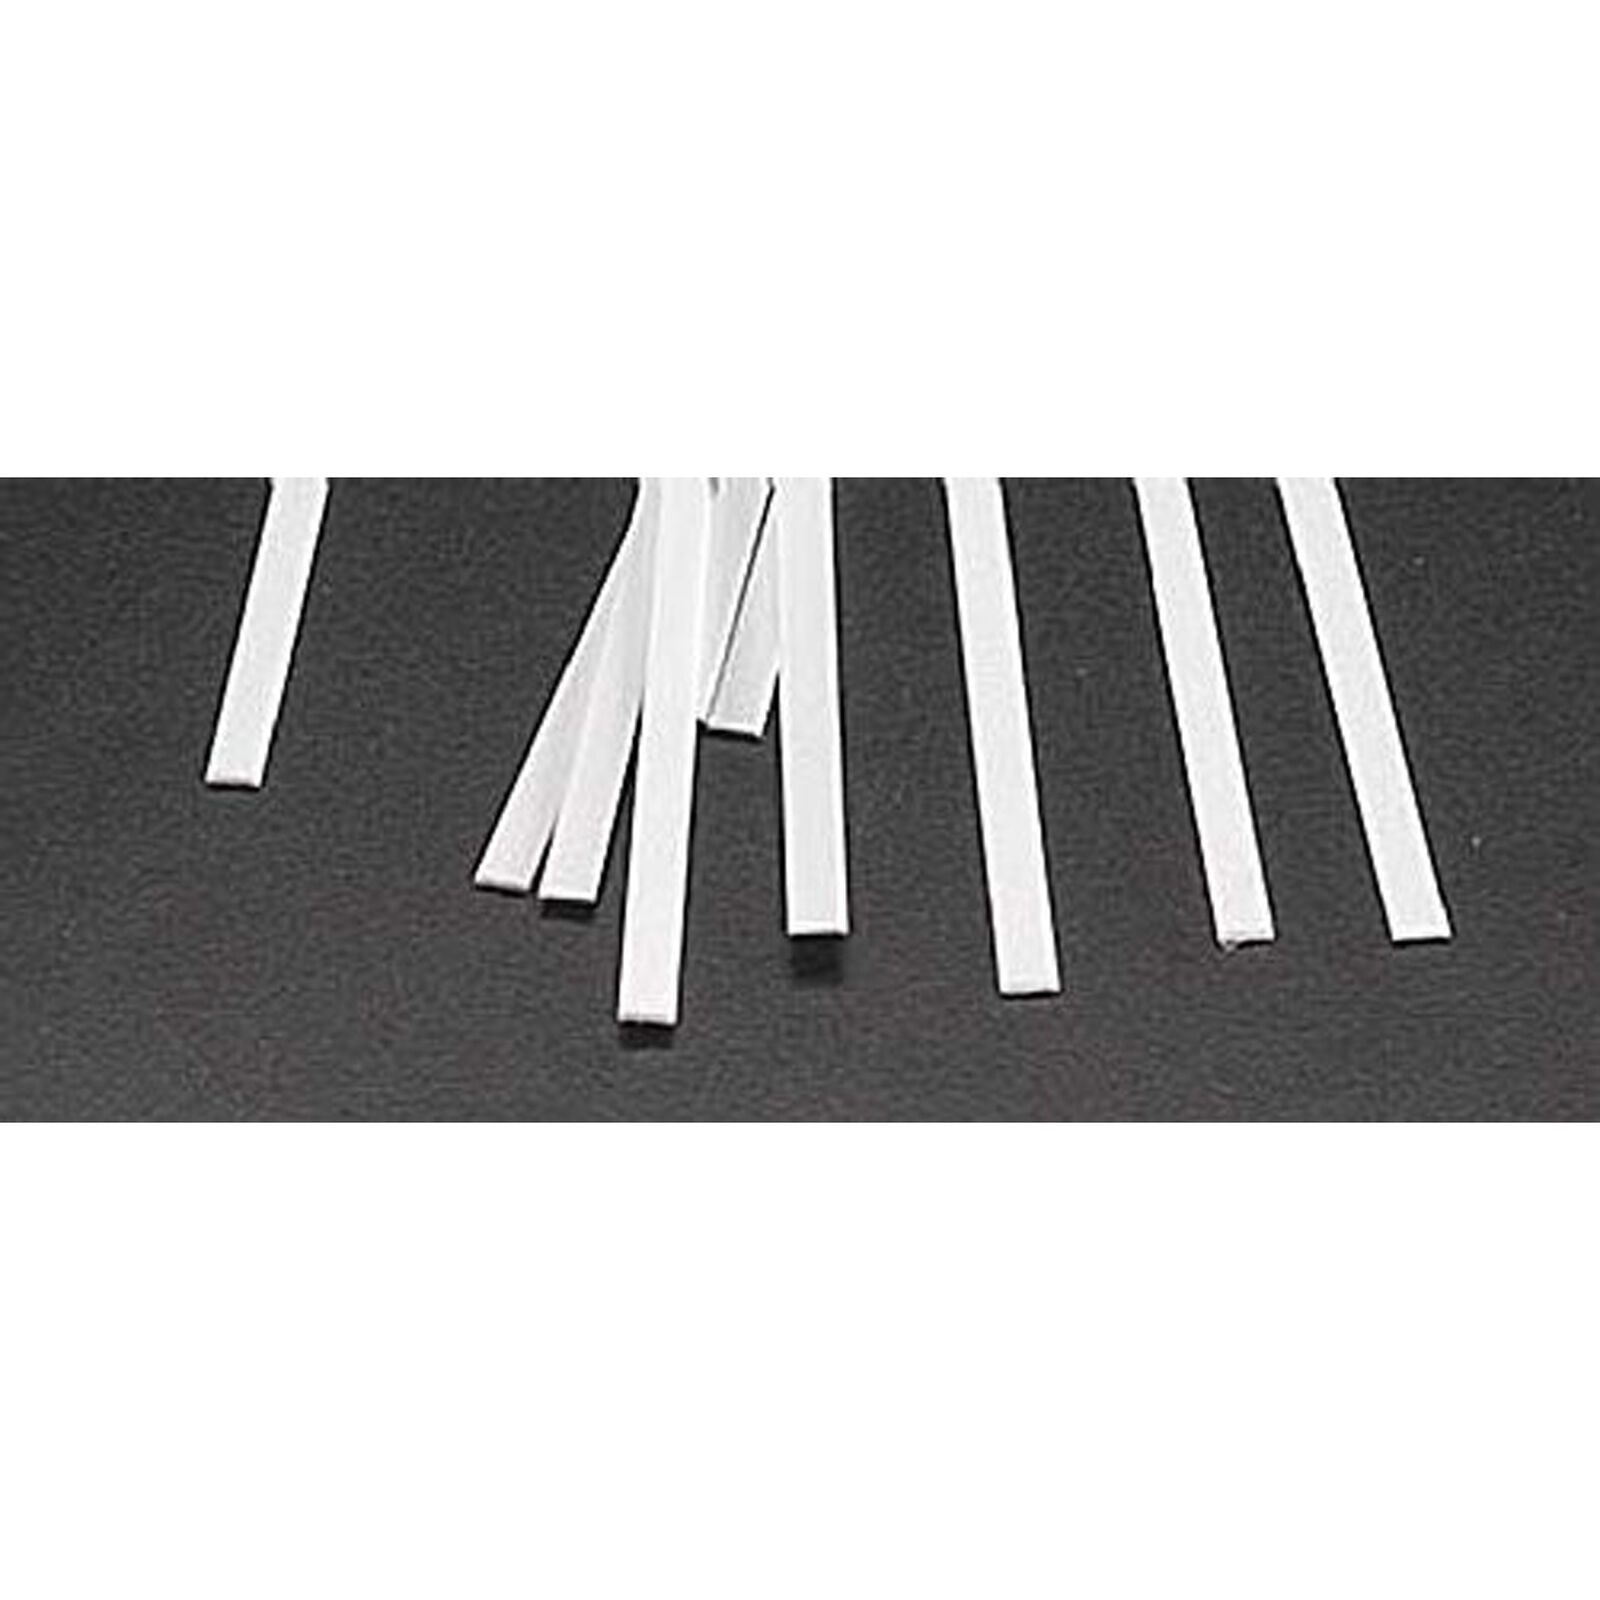 MS-312 Rect Strip,.030x.125 (10)